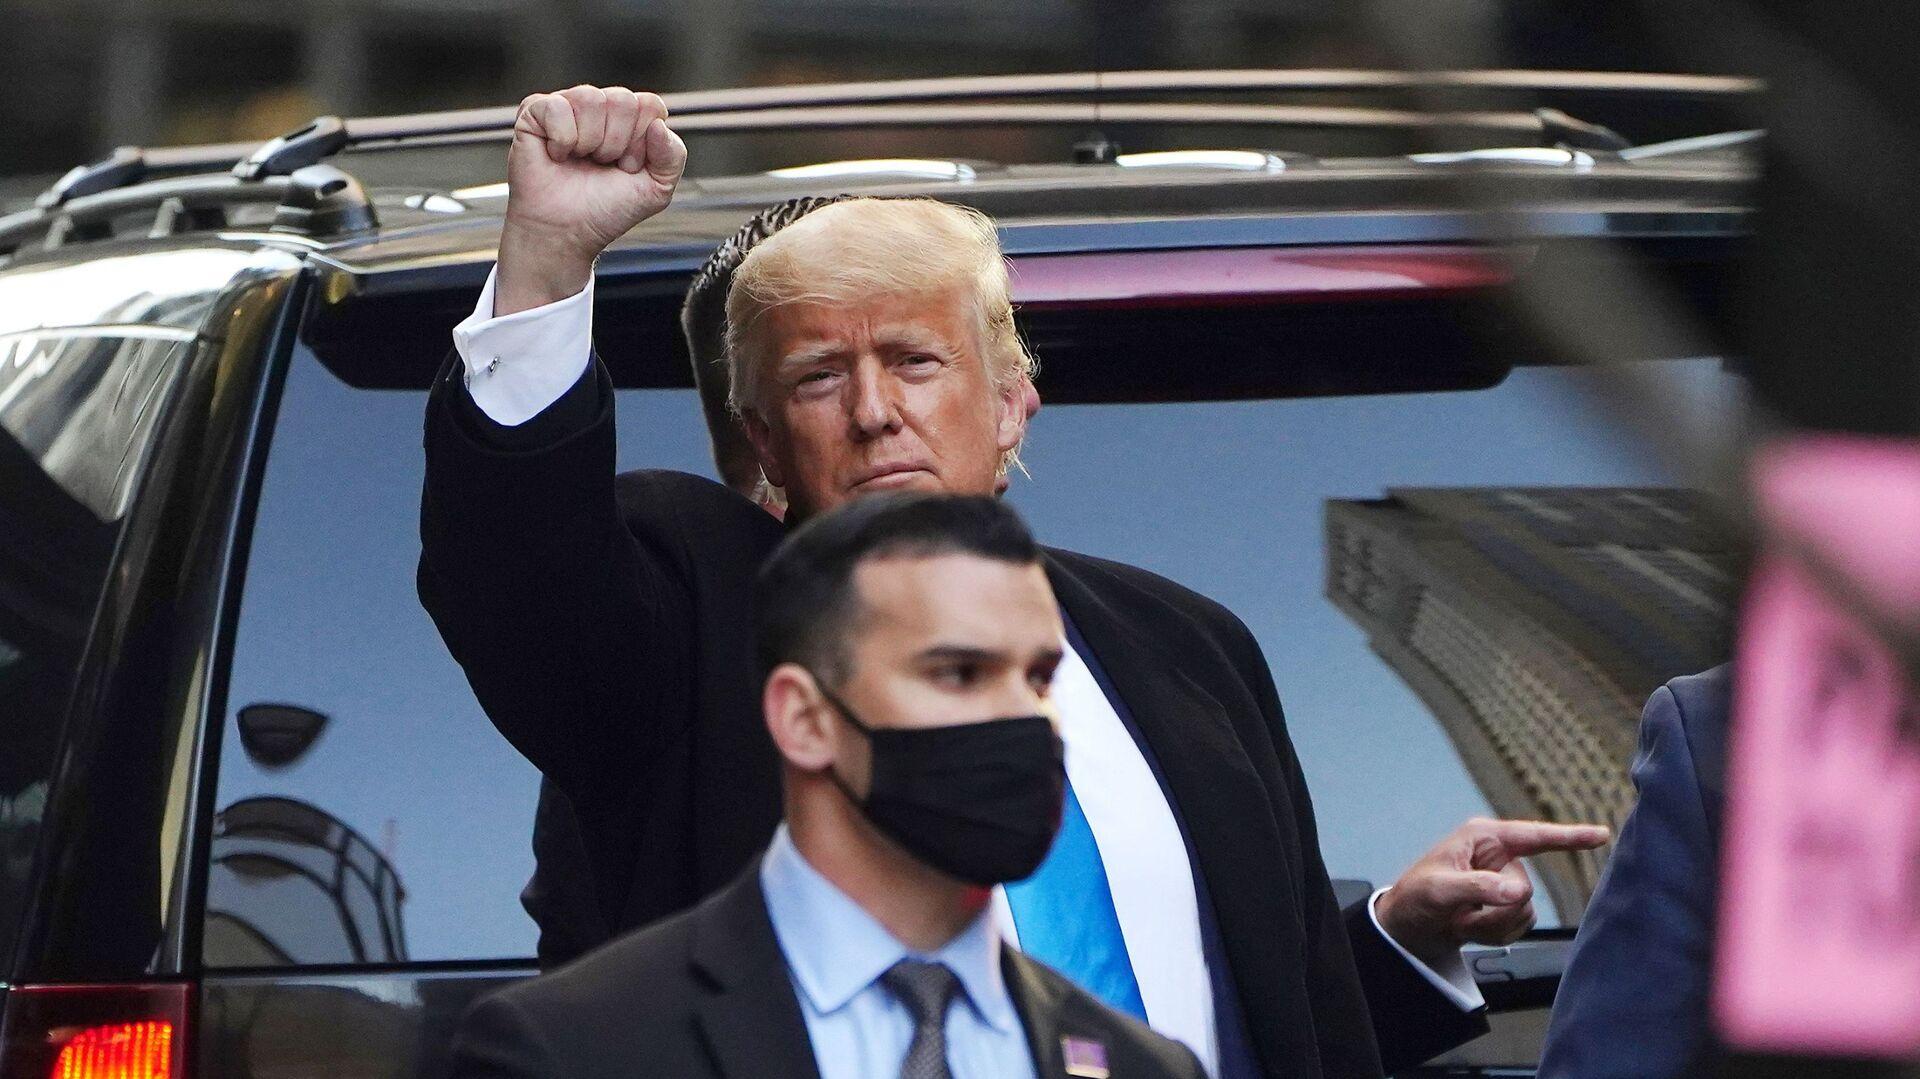 Bývalý americký prezident Donald Trump - Sputnik Česká republika, 1920, 22.03.2021